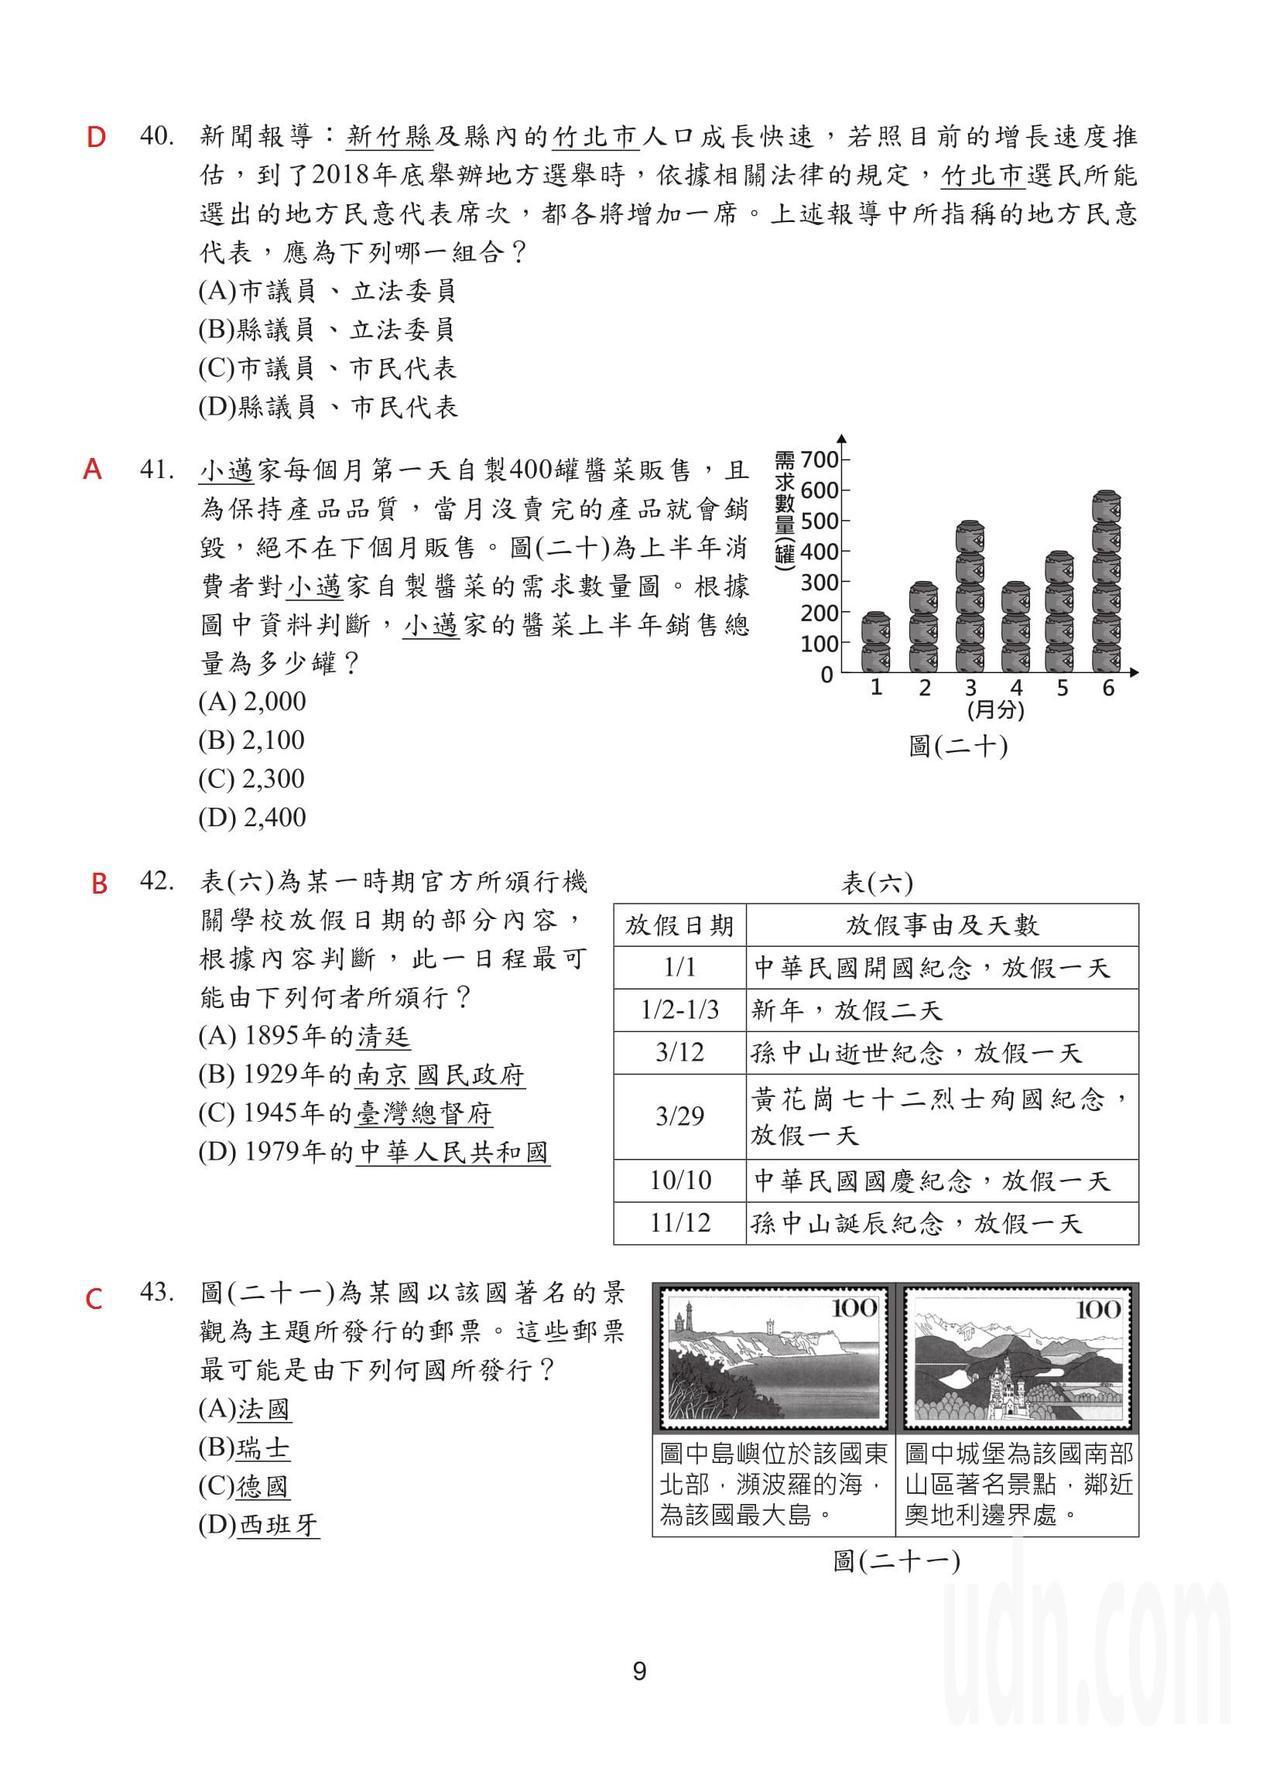 108國中會考社會科試題解答,第9頁。